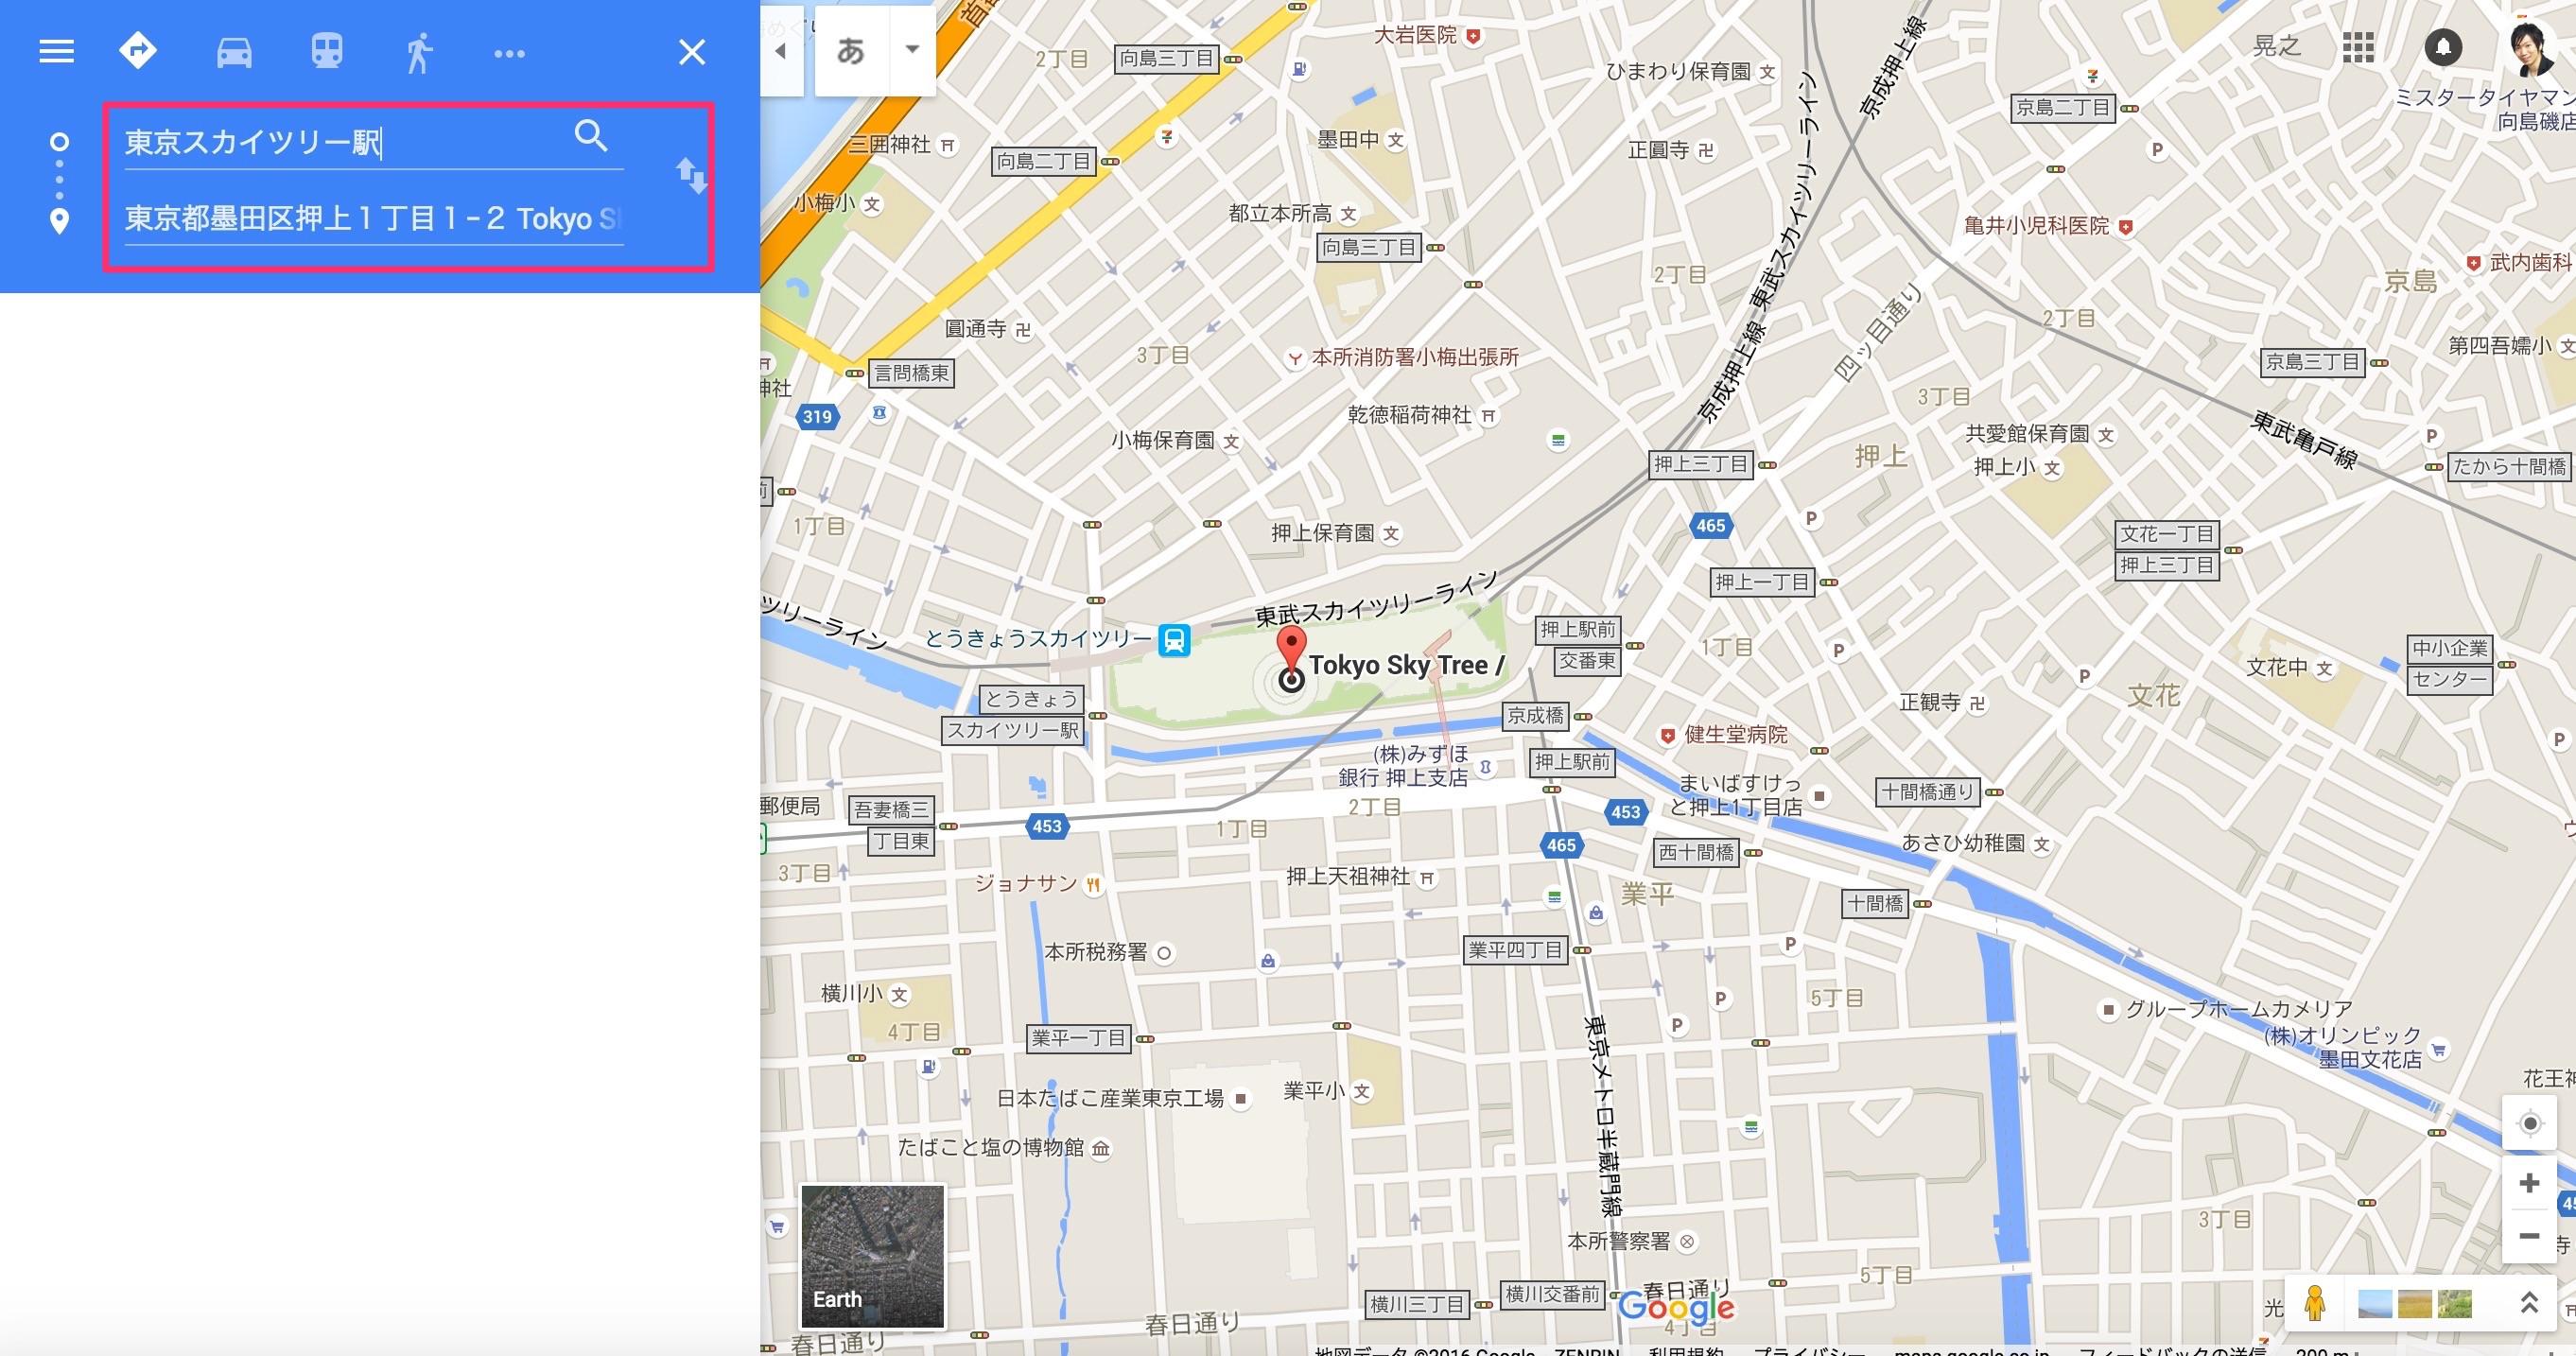 googlemap 埋め込み方法8